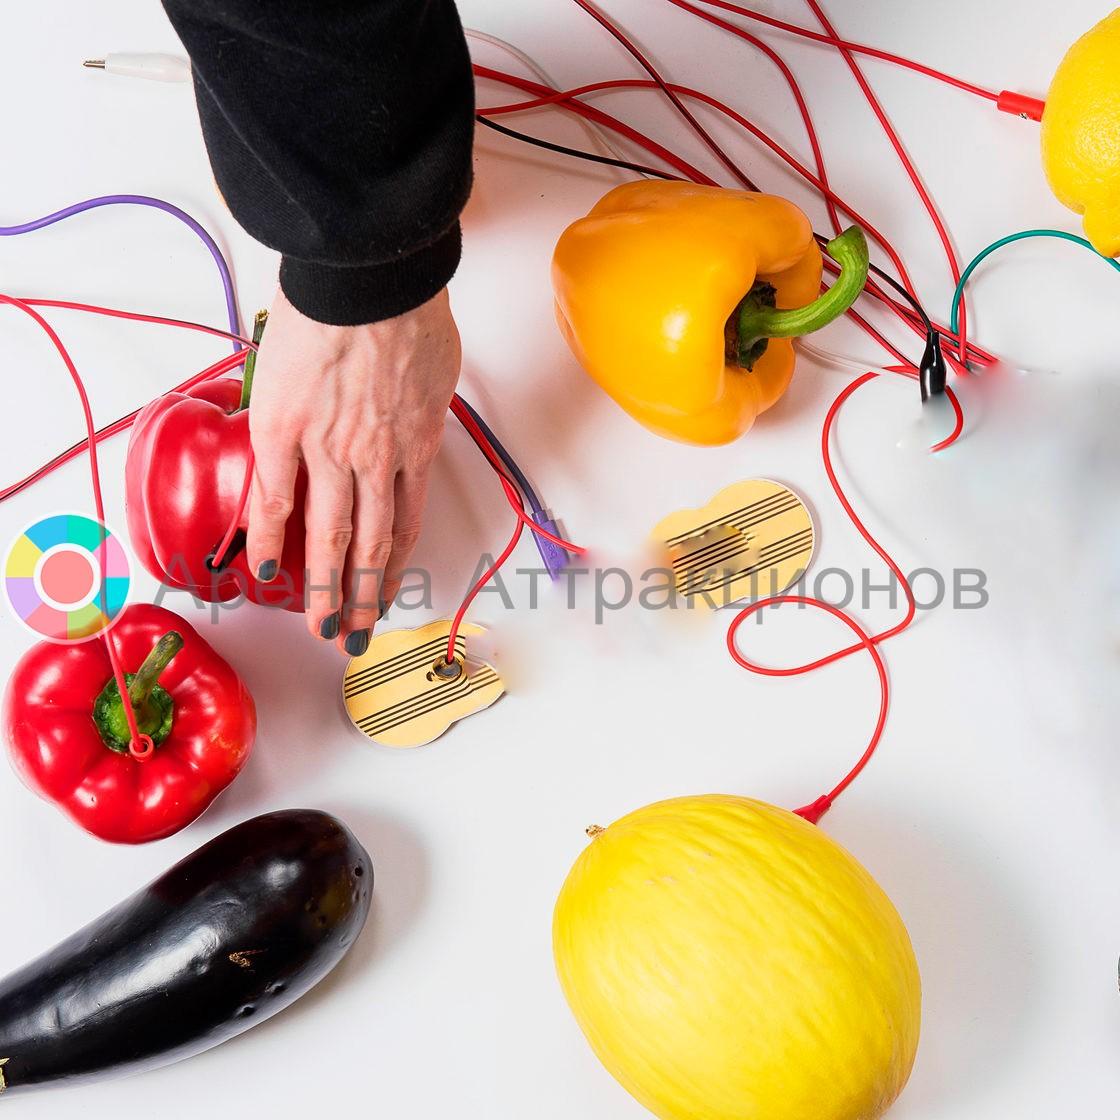 Овощные инструменты для фруктового диджея